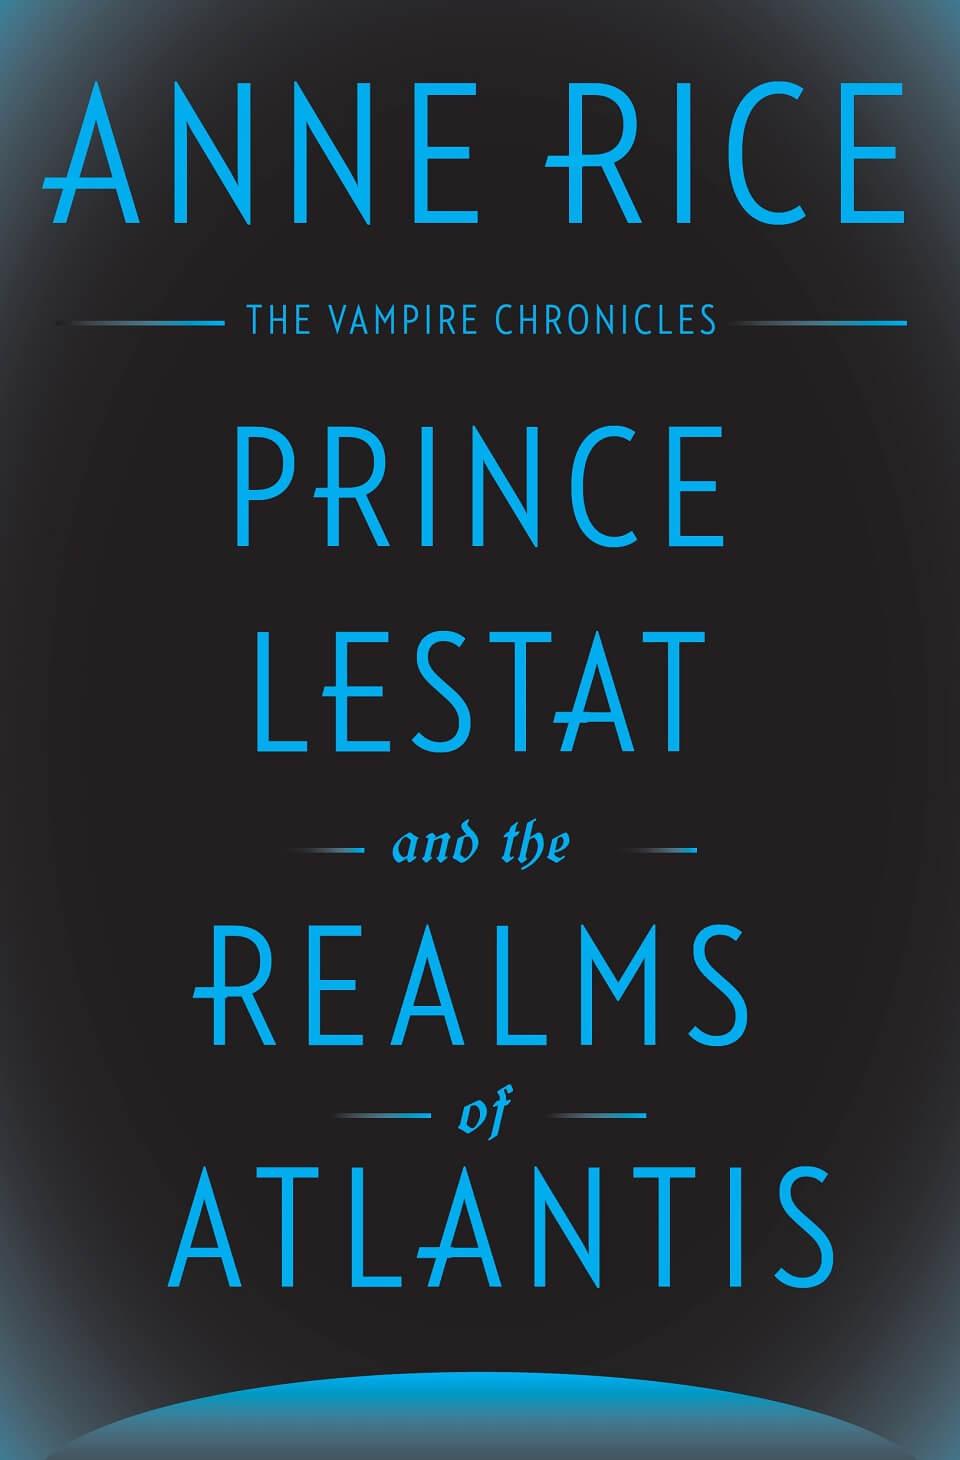 prince-lestat-atlantis-cover